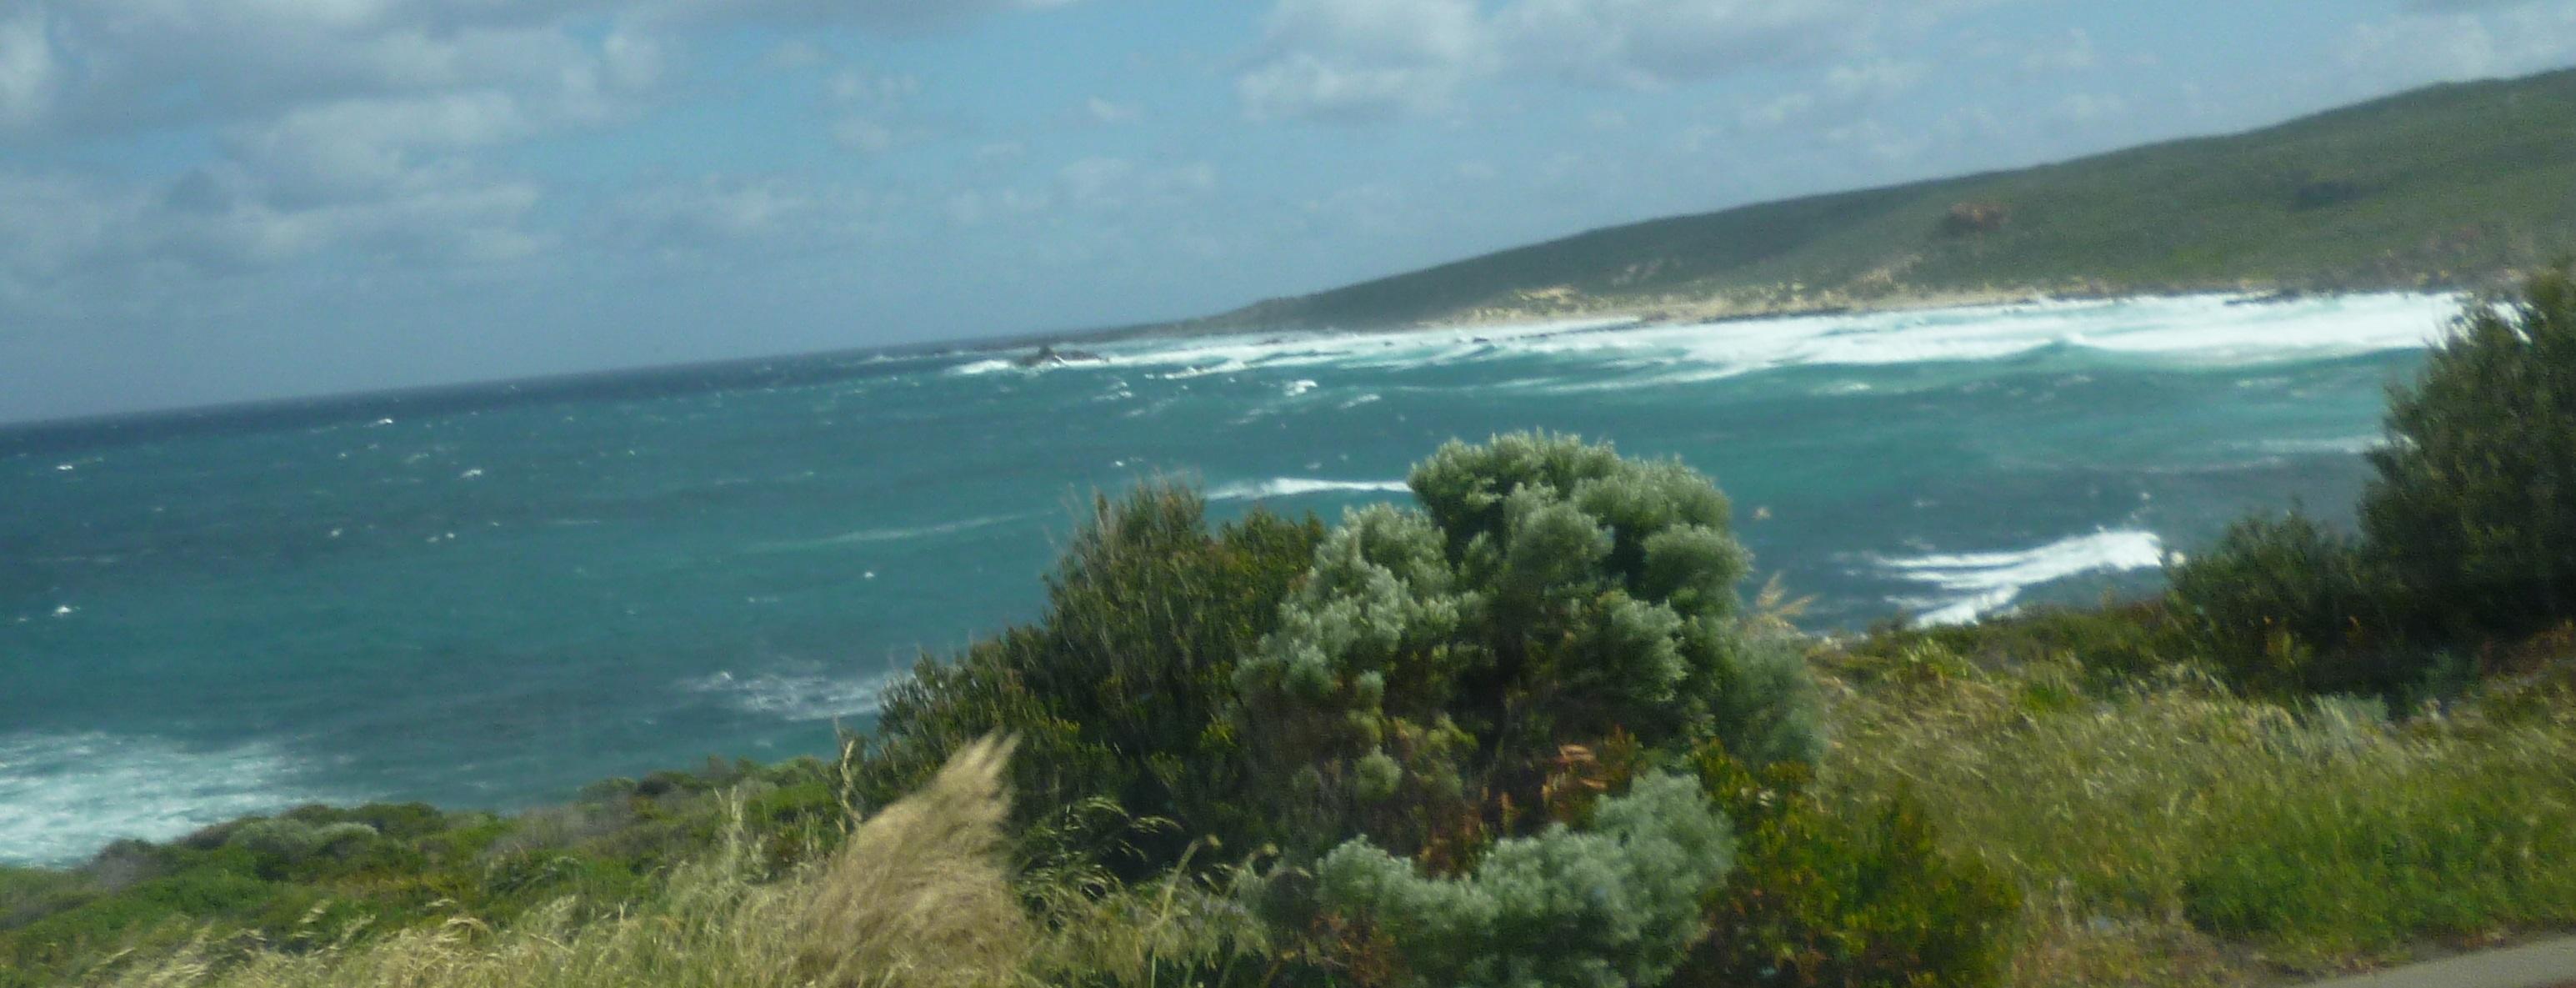 Towards Cape N